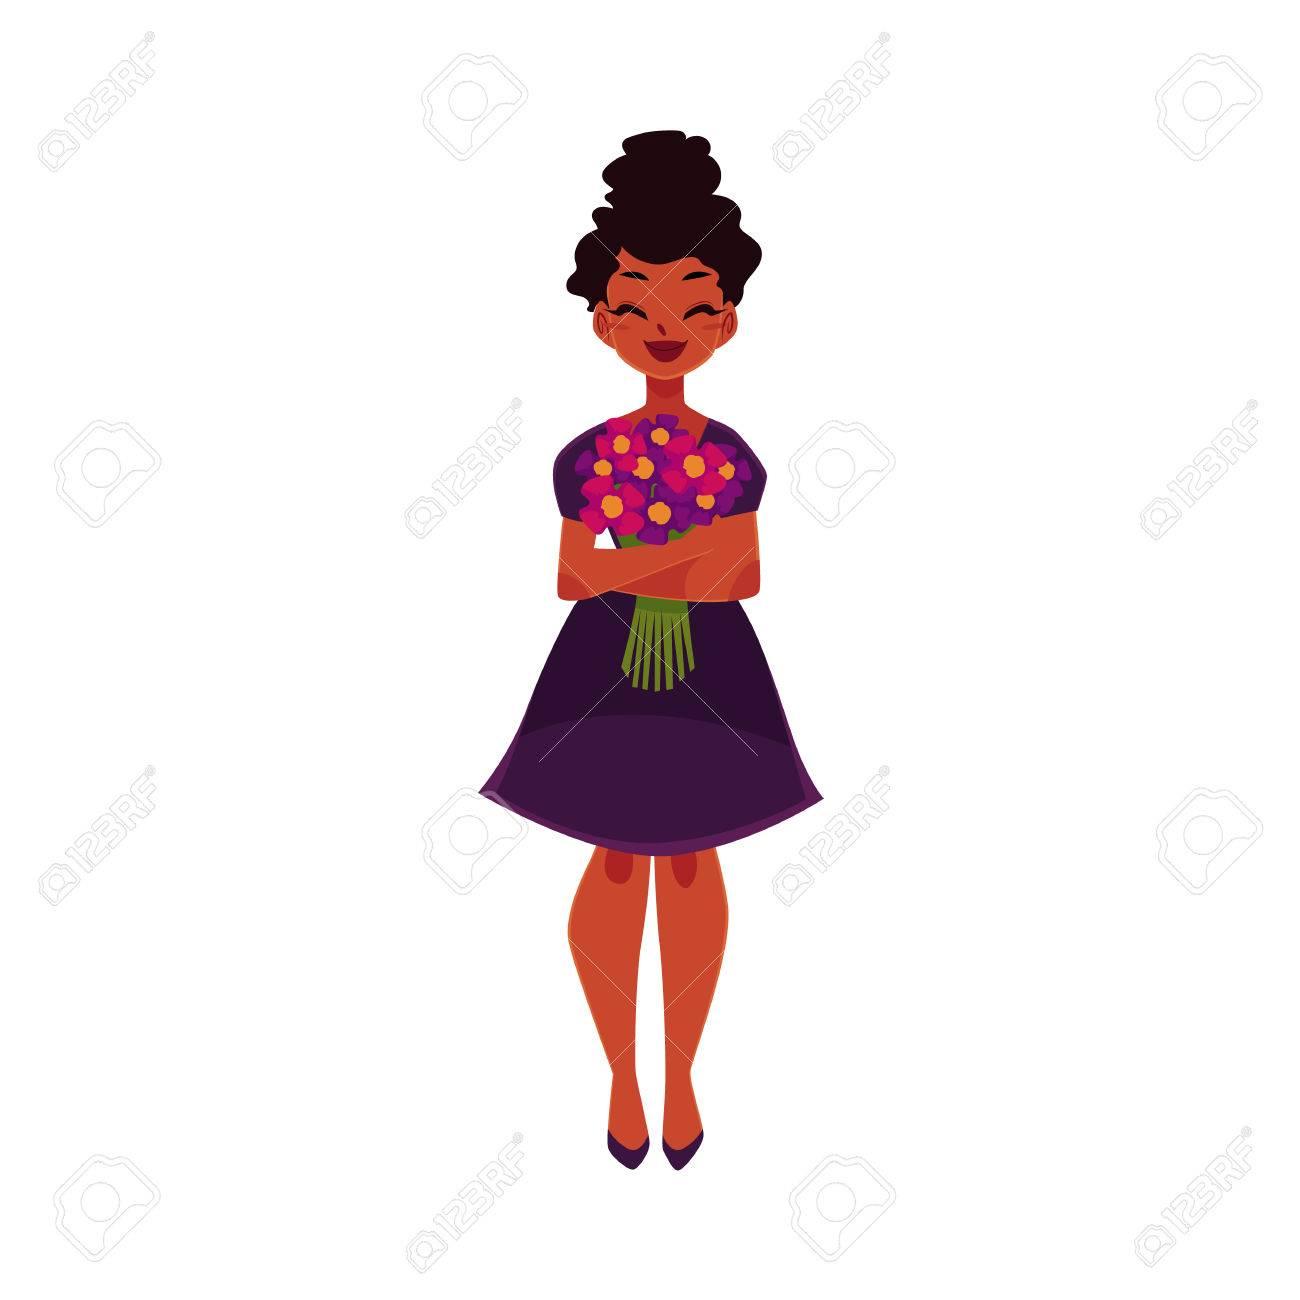 Noir Femme Afro Américaine Fille Tenant Bouquet De Fleurs De Champ Illustration De Vecteur De Dessin Animé Isolé Sur Fond Blanc Portrait De Pleine